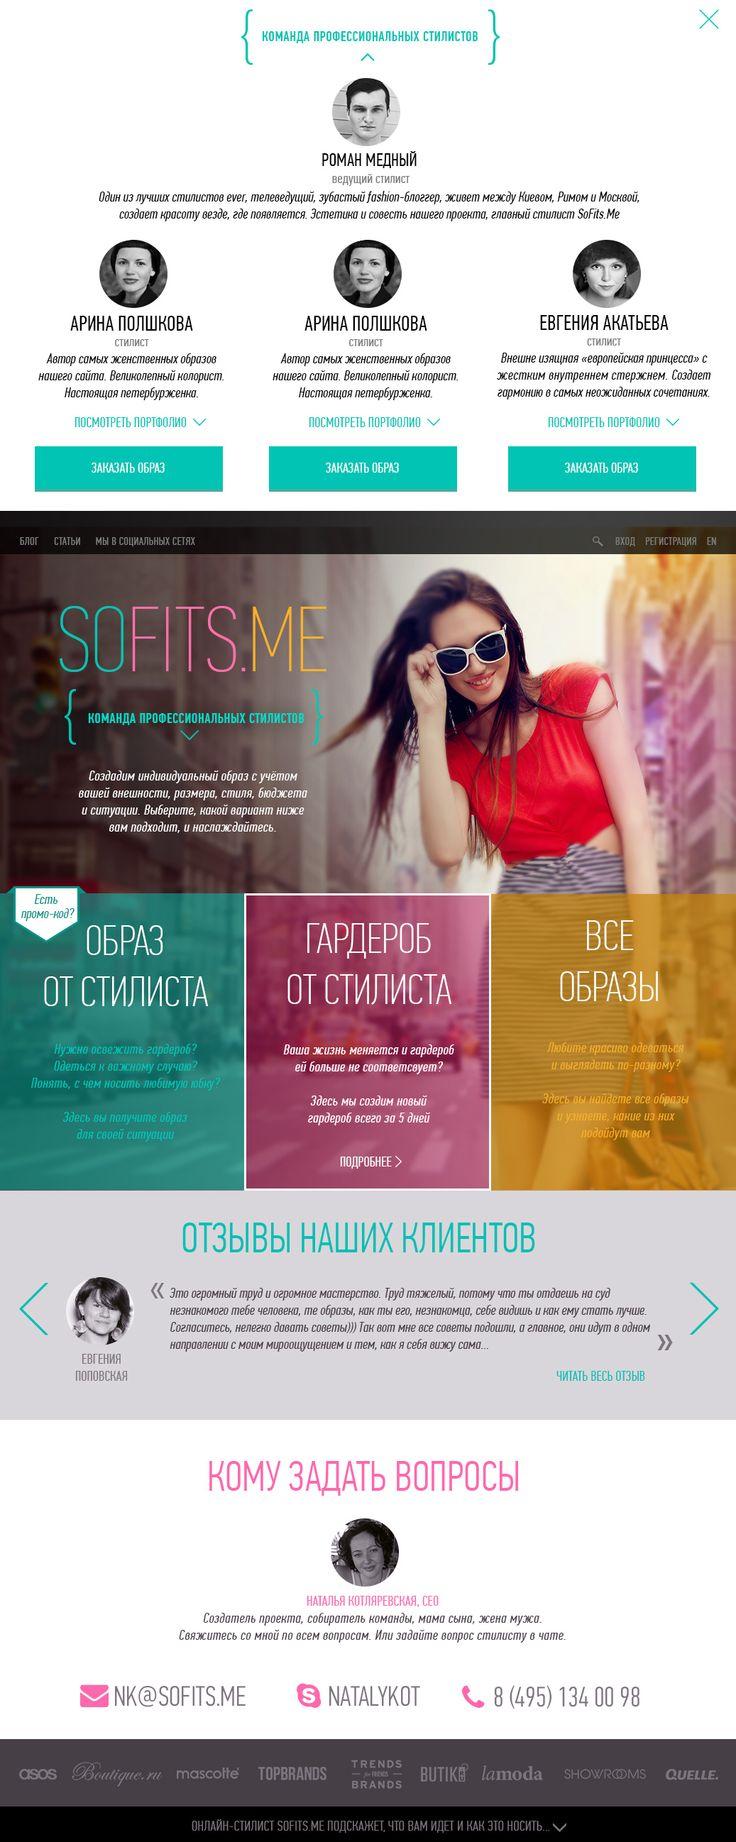 Новая главная: фокус на личном сервисе. Вплоть до того, что можно выбрать стилиста, с которым работаешь, по портфолио.  #interface #main #page #sofitsme #personalized #stylist #image #look #fashion #мода #стиль #стилист #интерфейс